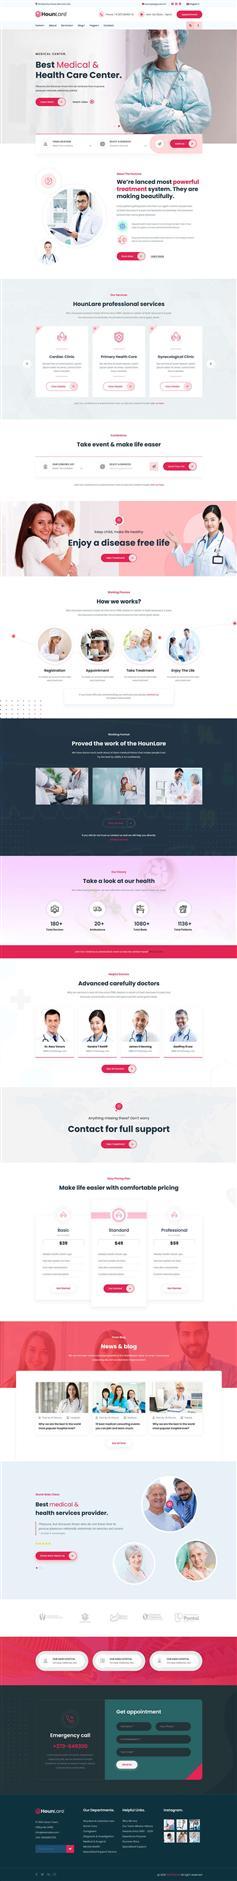 私立的医疗保健服务机构HTML5模板